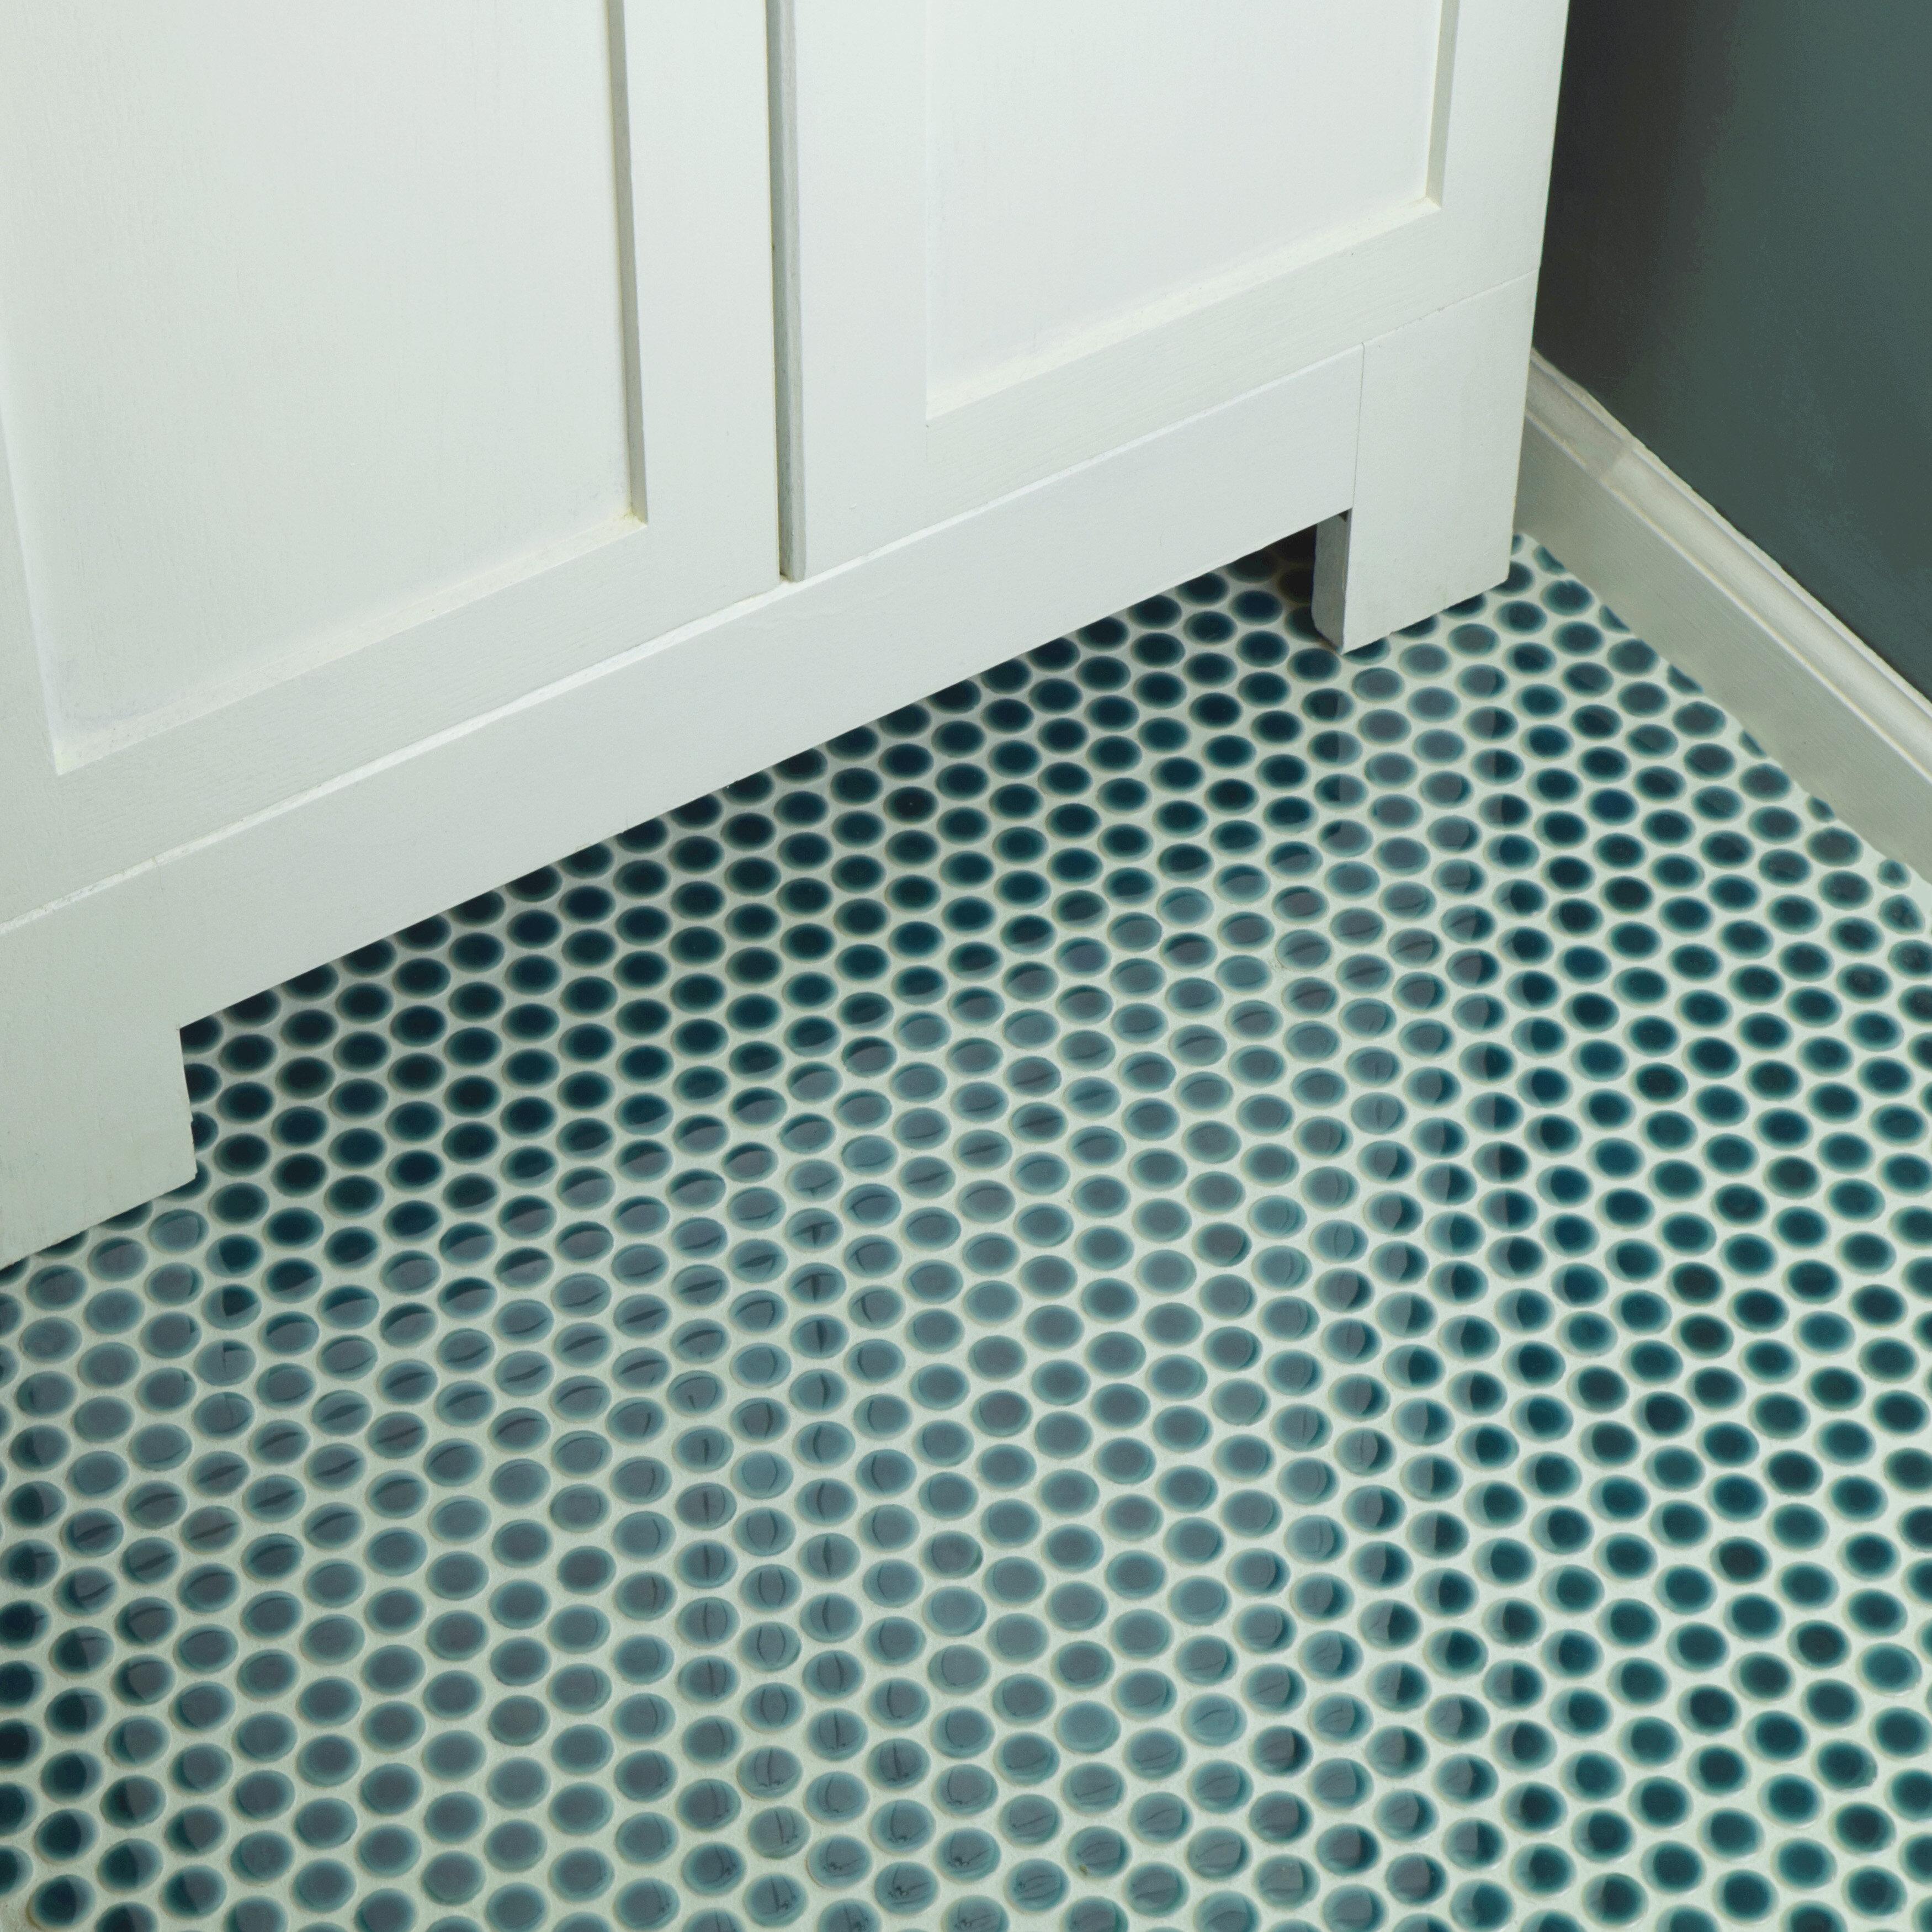 Elitetile Penny 0 8 X 0 8 Porcelain Mosaic Floor Use Tile Reviews Wayfair